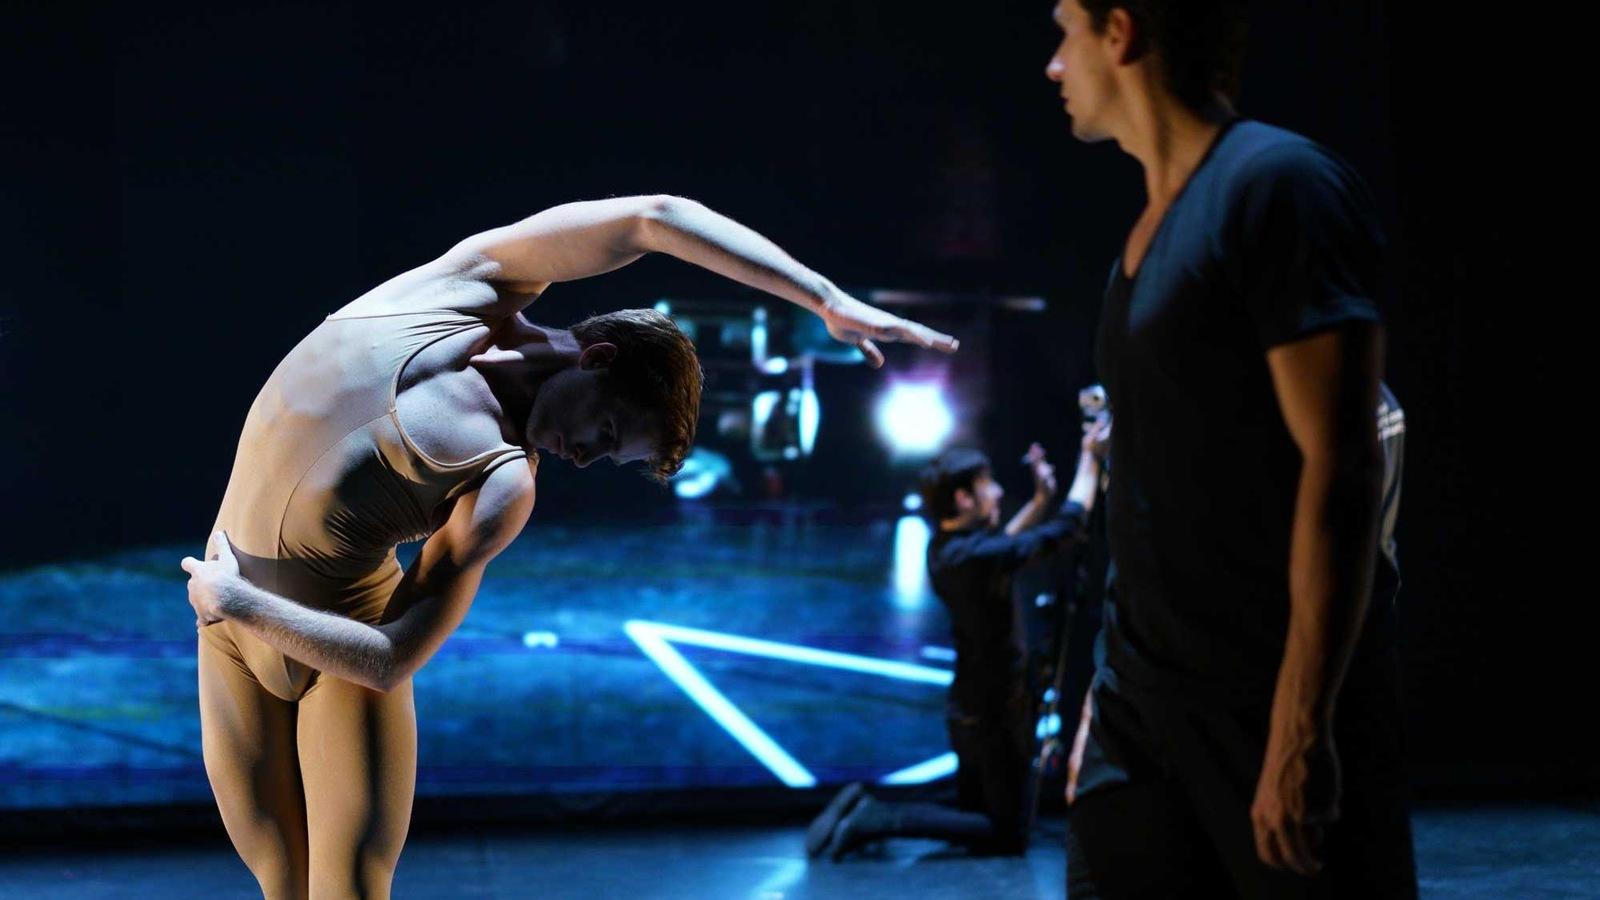 Les deux danseurs en répétition.